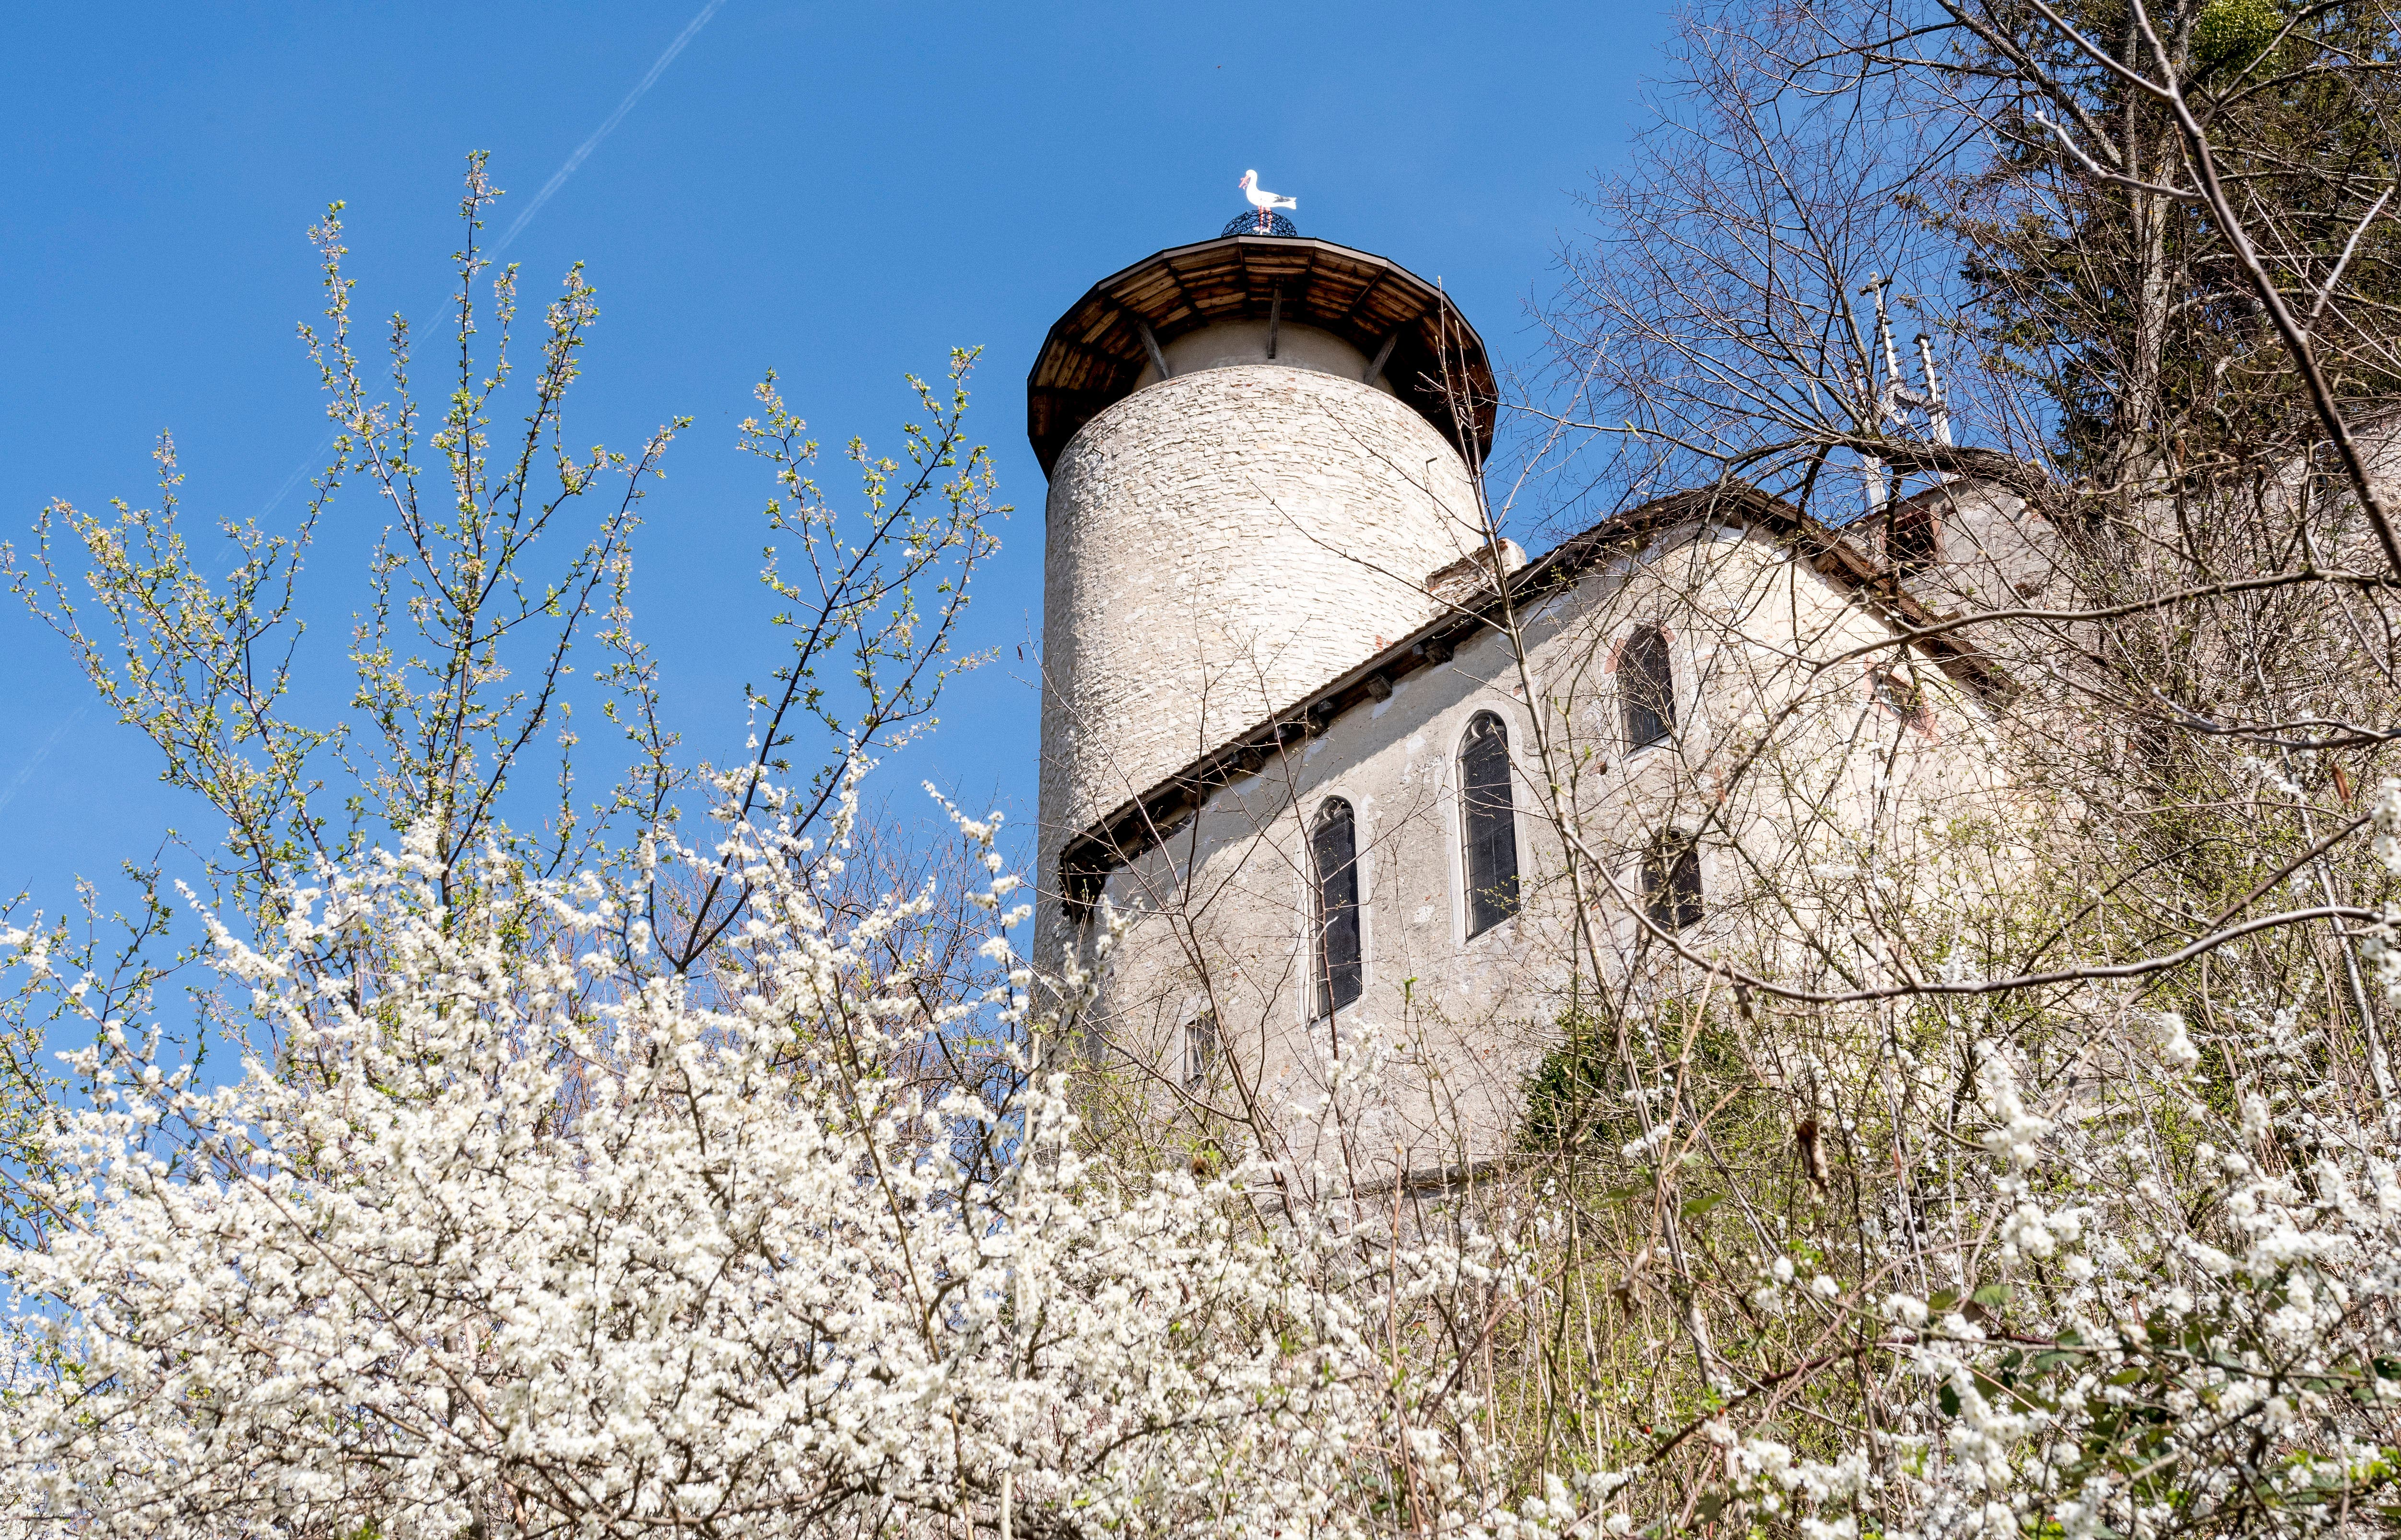 Rund um die Ruine Birseck wuchern Sträucher und Bäume. Hier muss zwischen Gartengestaltung und Naturschutz abgewogen werden.